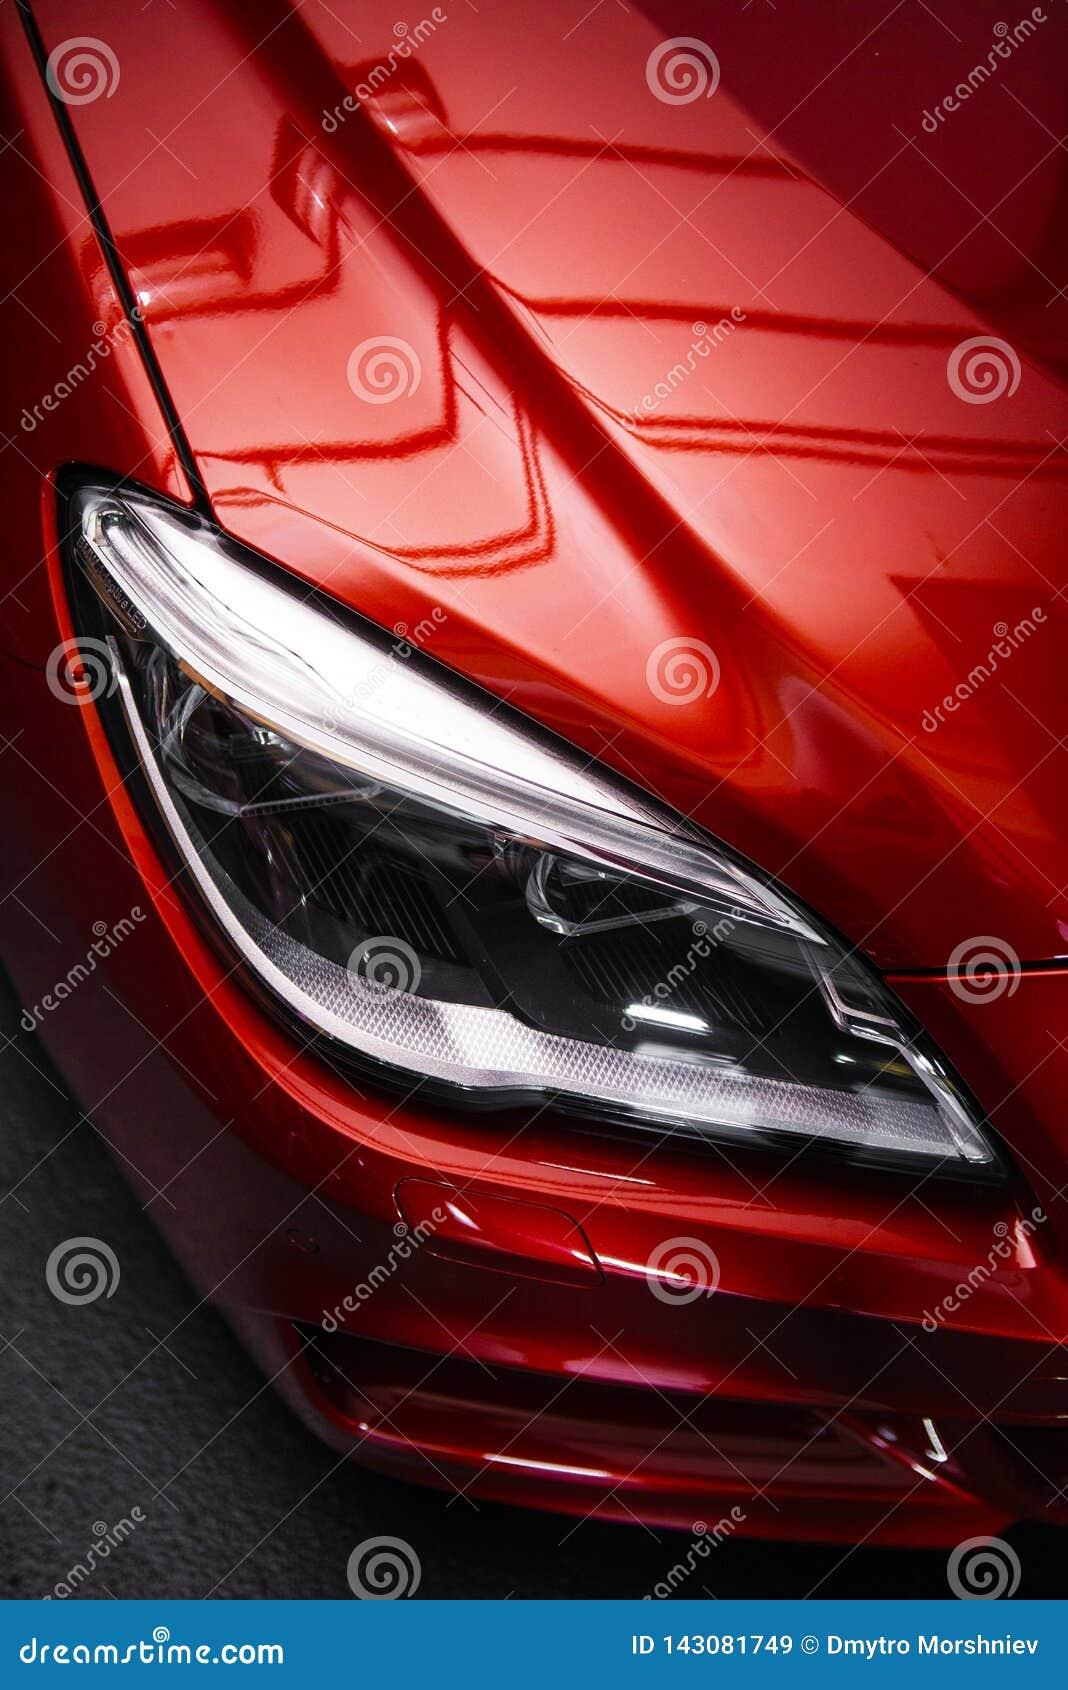 Linterna trasera de un coche rojo de lujo moderno, detalle auto, concepto del mantenimiento del coche en el garaje